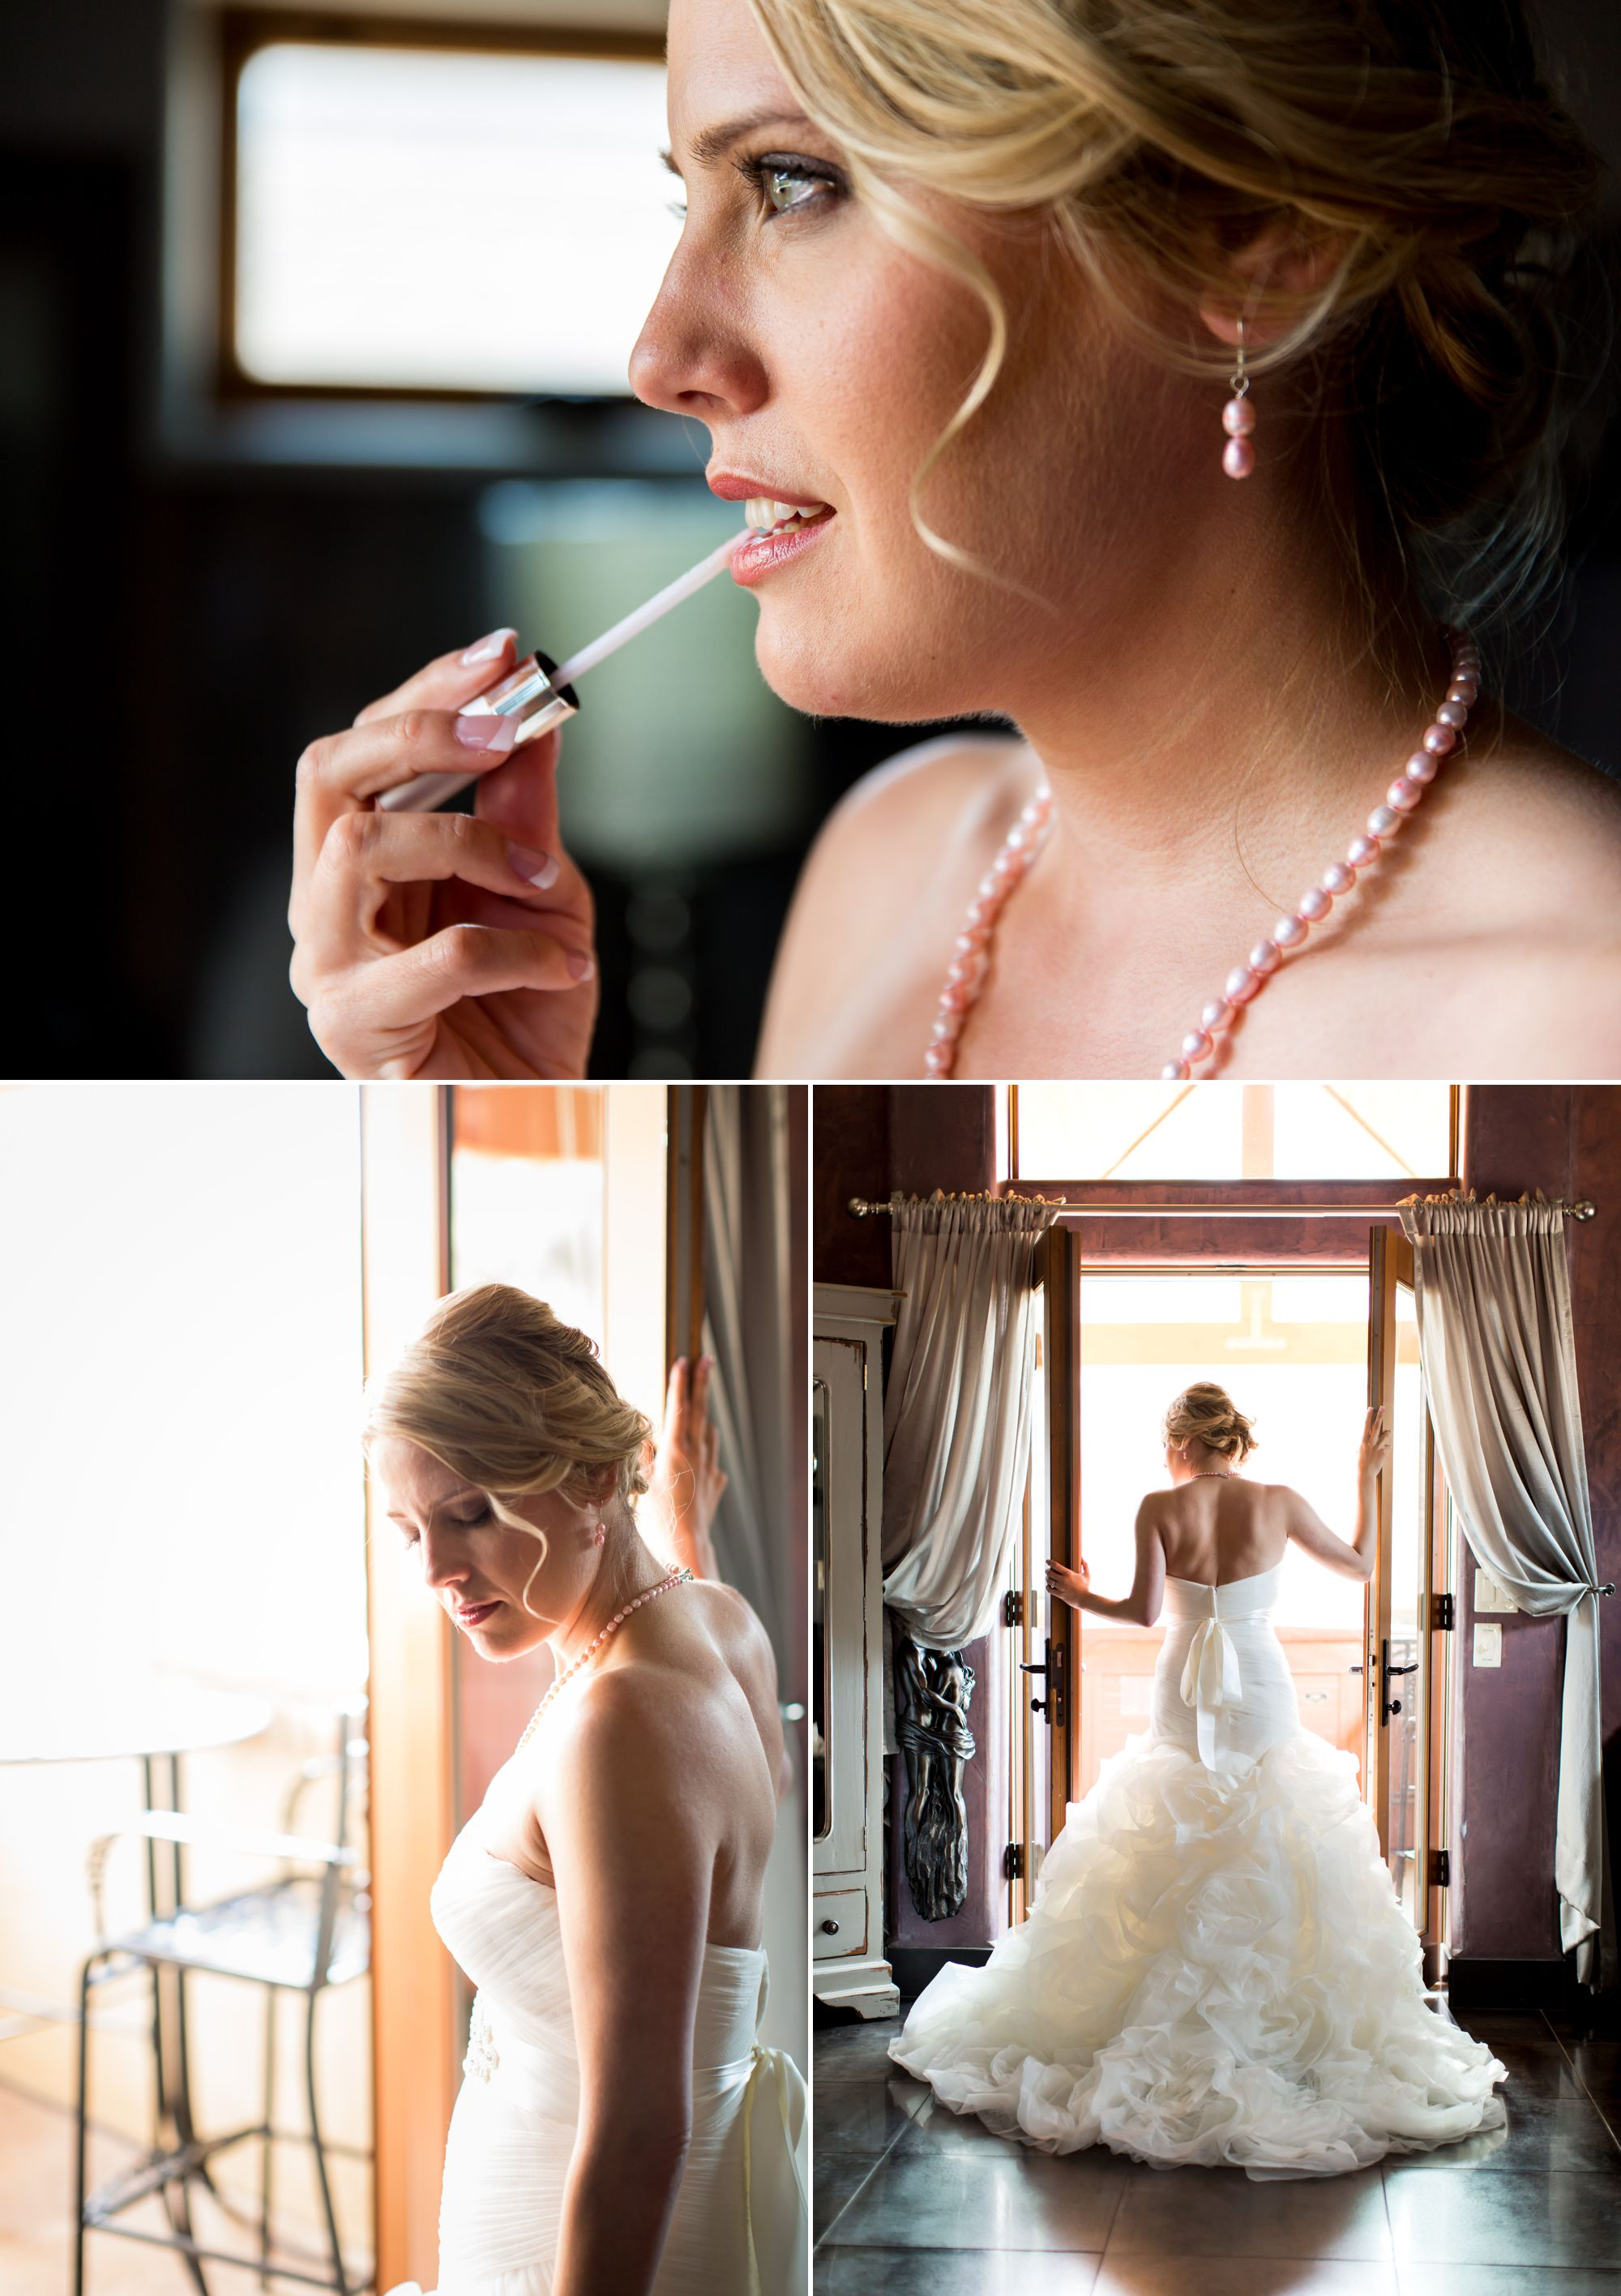 Stunning Vera Wang Wedding Gown in one of Della Terra's Honeymoon suites.